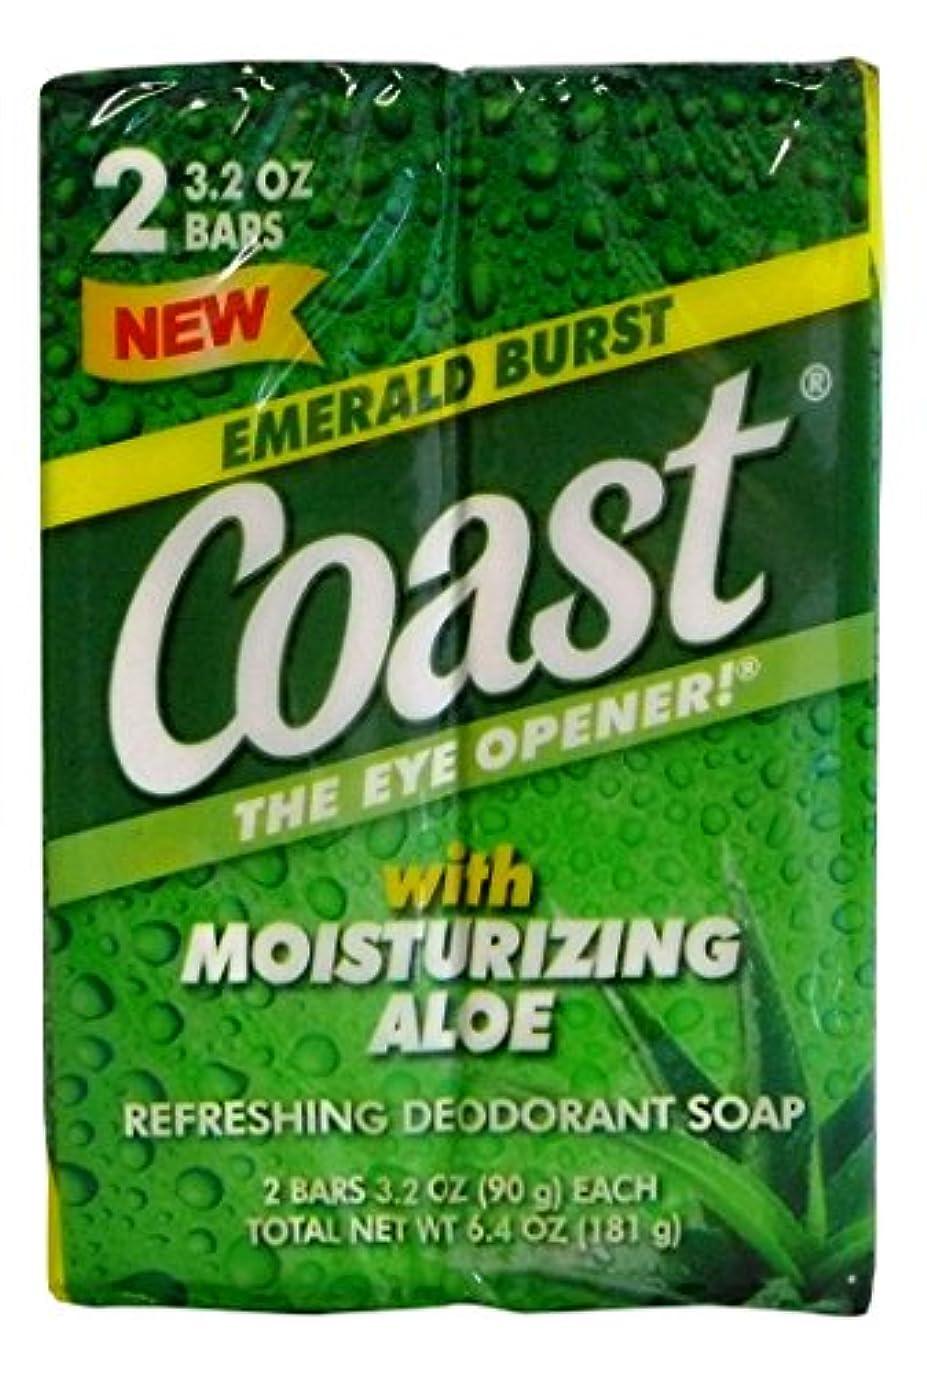 満了脅威おそらくコースト 固形石鹸 エメラルドバースト 90g 2個入